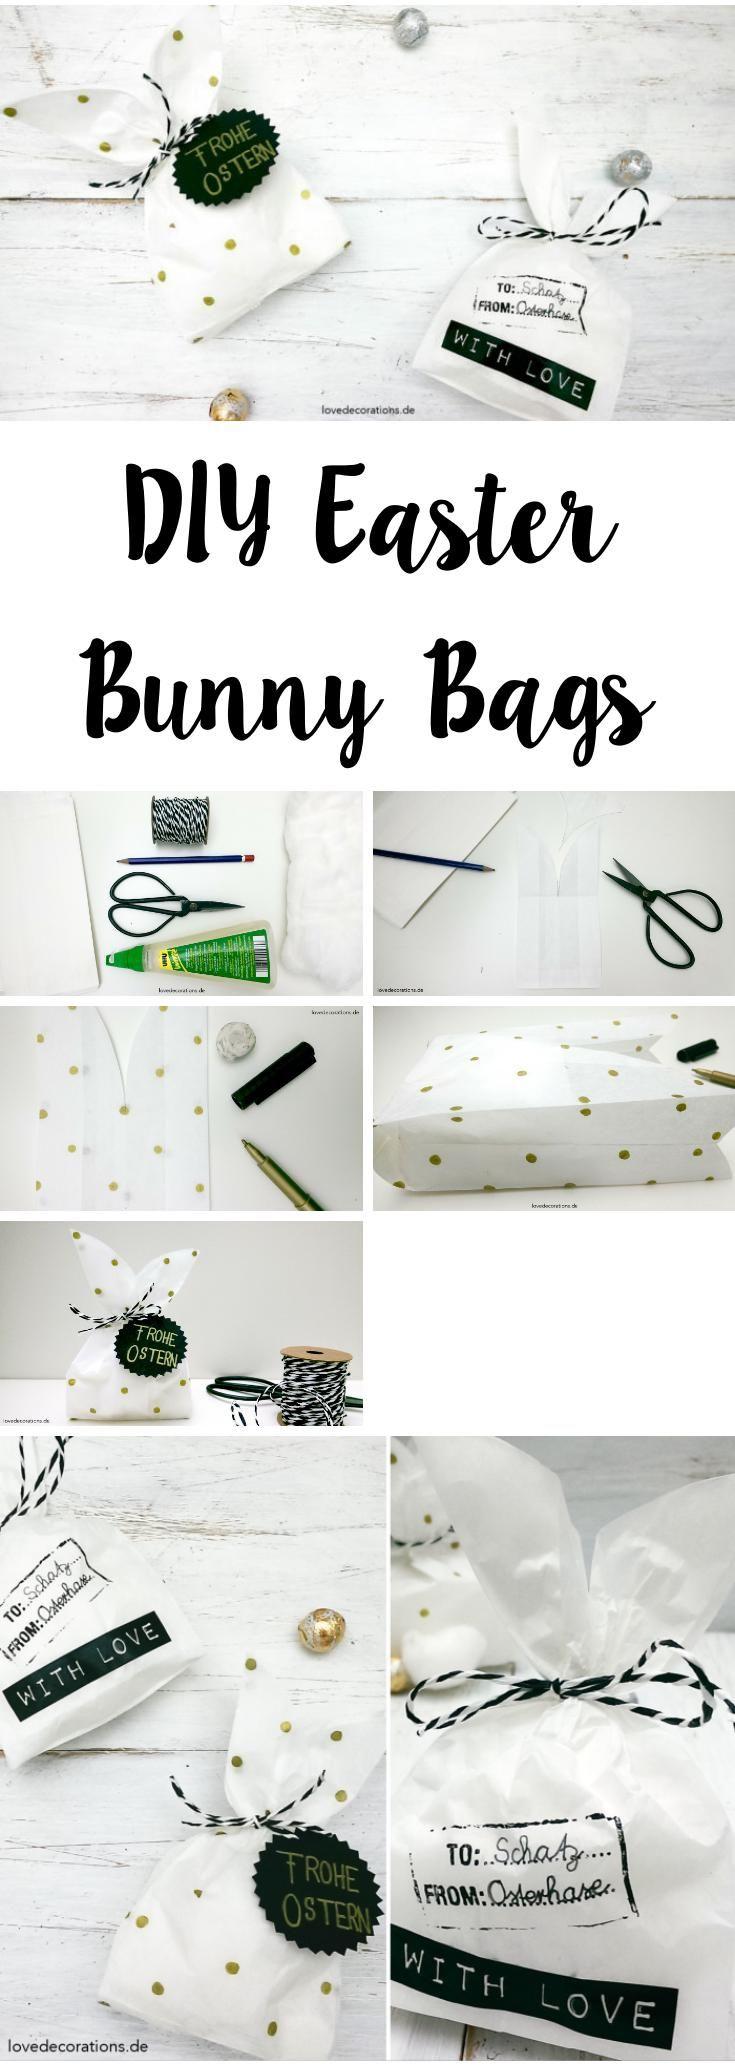 DIY Osterhasen Tüten   DIY Easter Bunny Bags